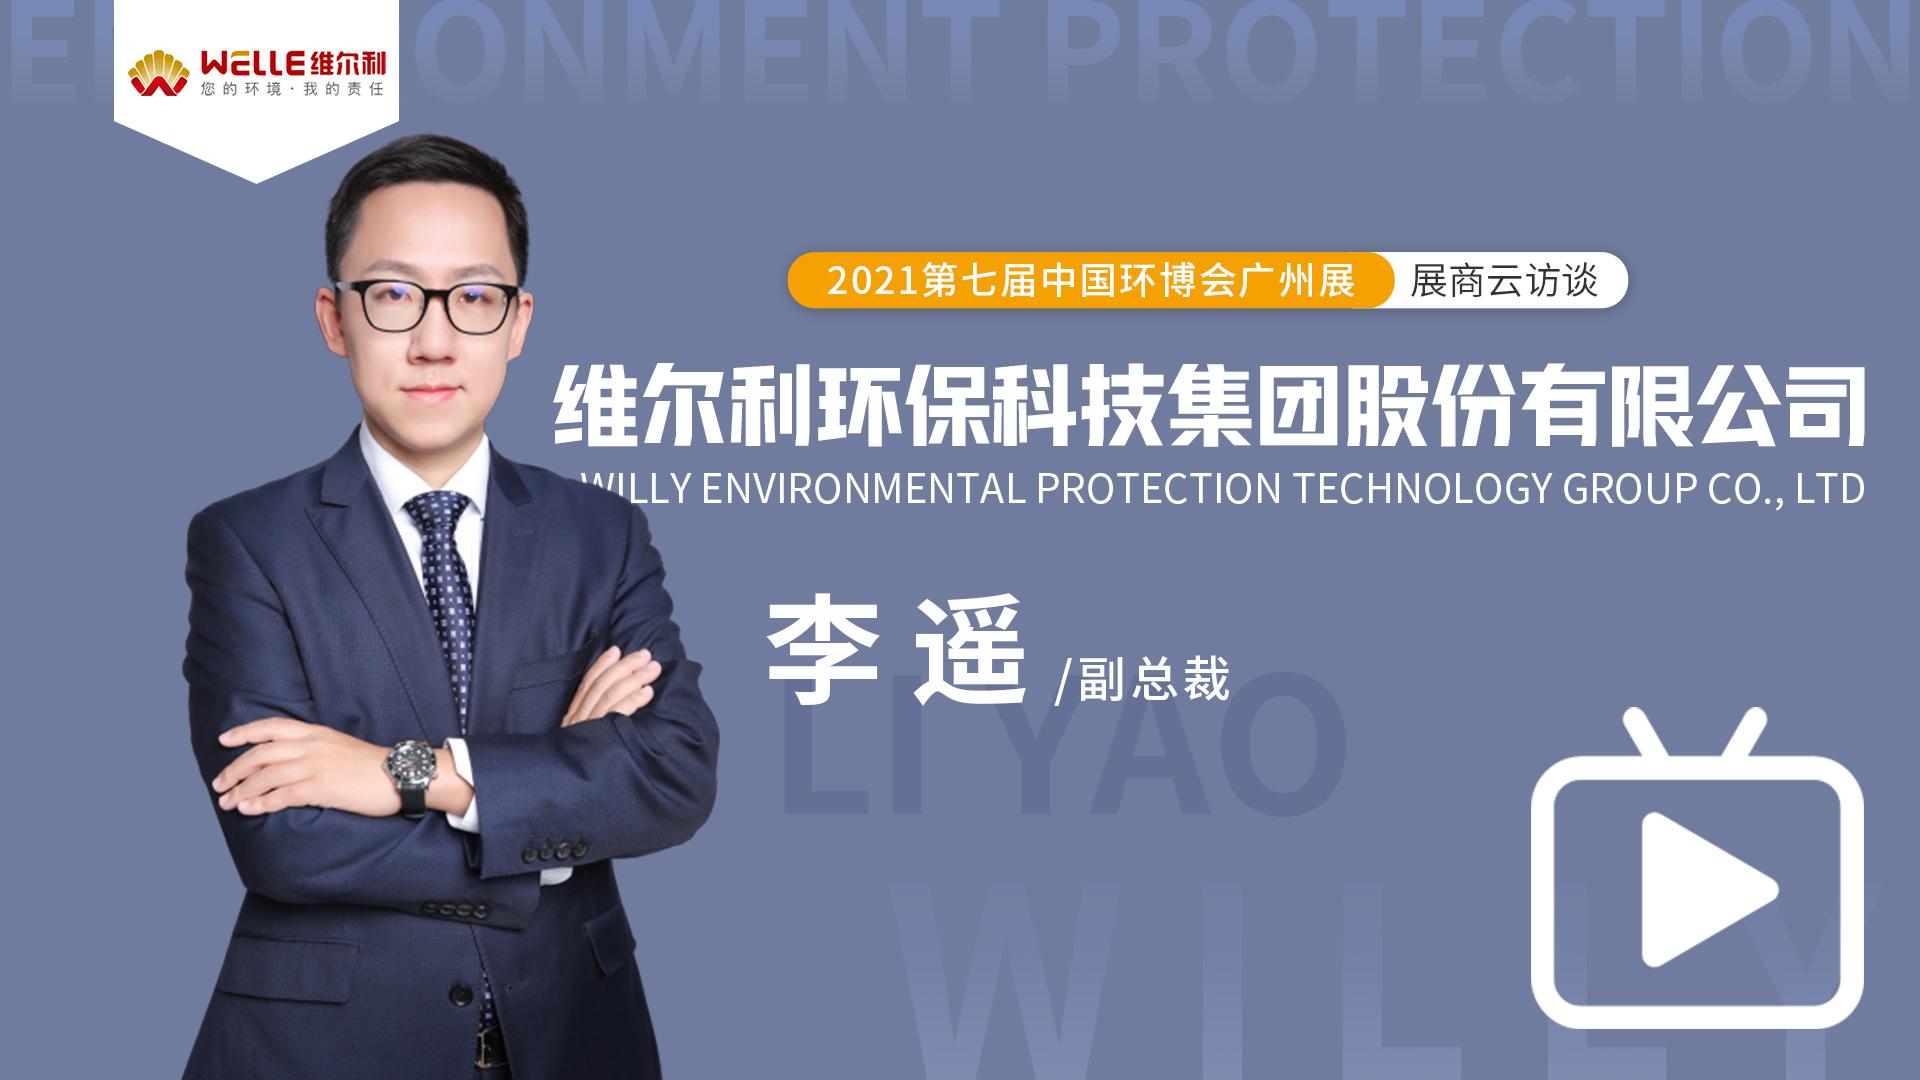 数字环保、科技赋能 | 维尔利智慧环保大数据赋能解决方案